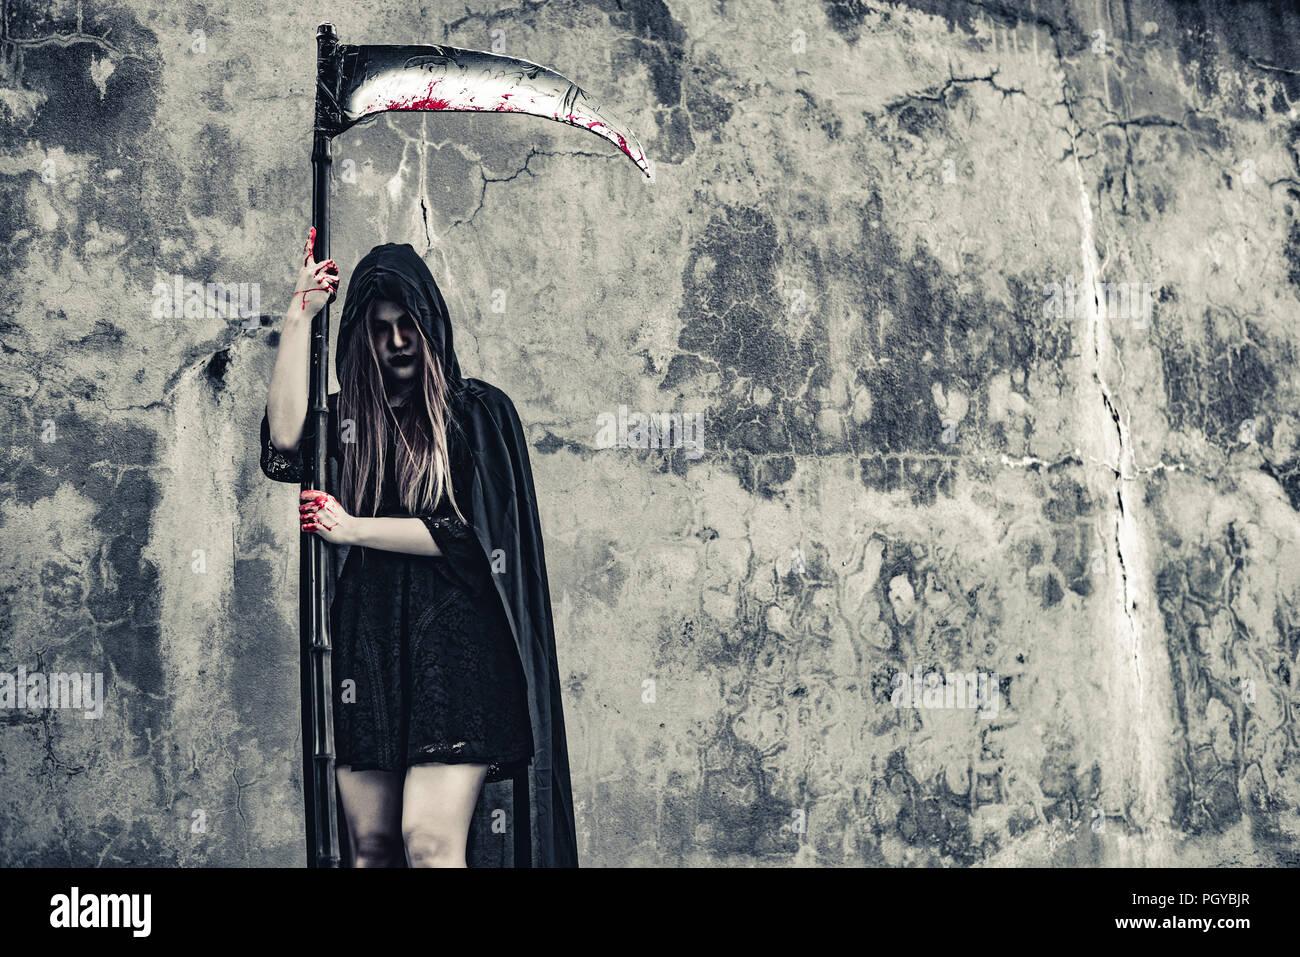 Demon witch con reaper grunge de pie delante de la pared de fondo. Halloween y el concepto religioso. Angel y Demonio Satanás tema. Imagen De Stock